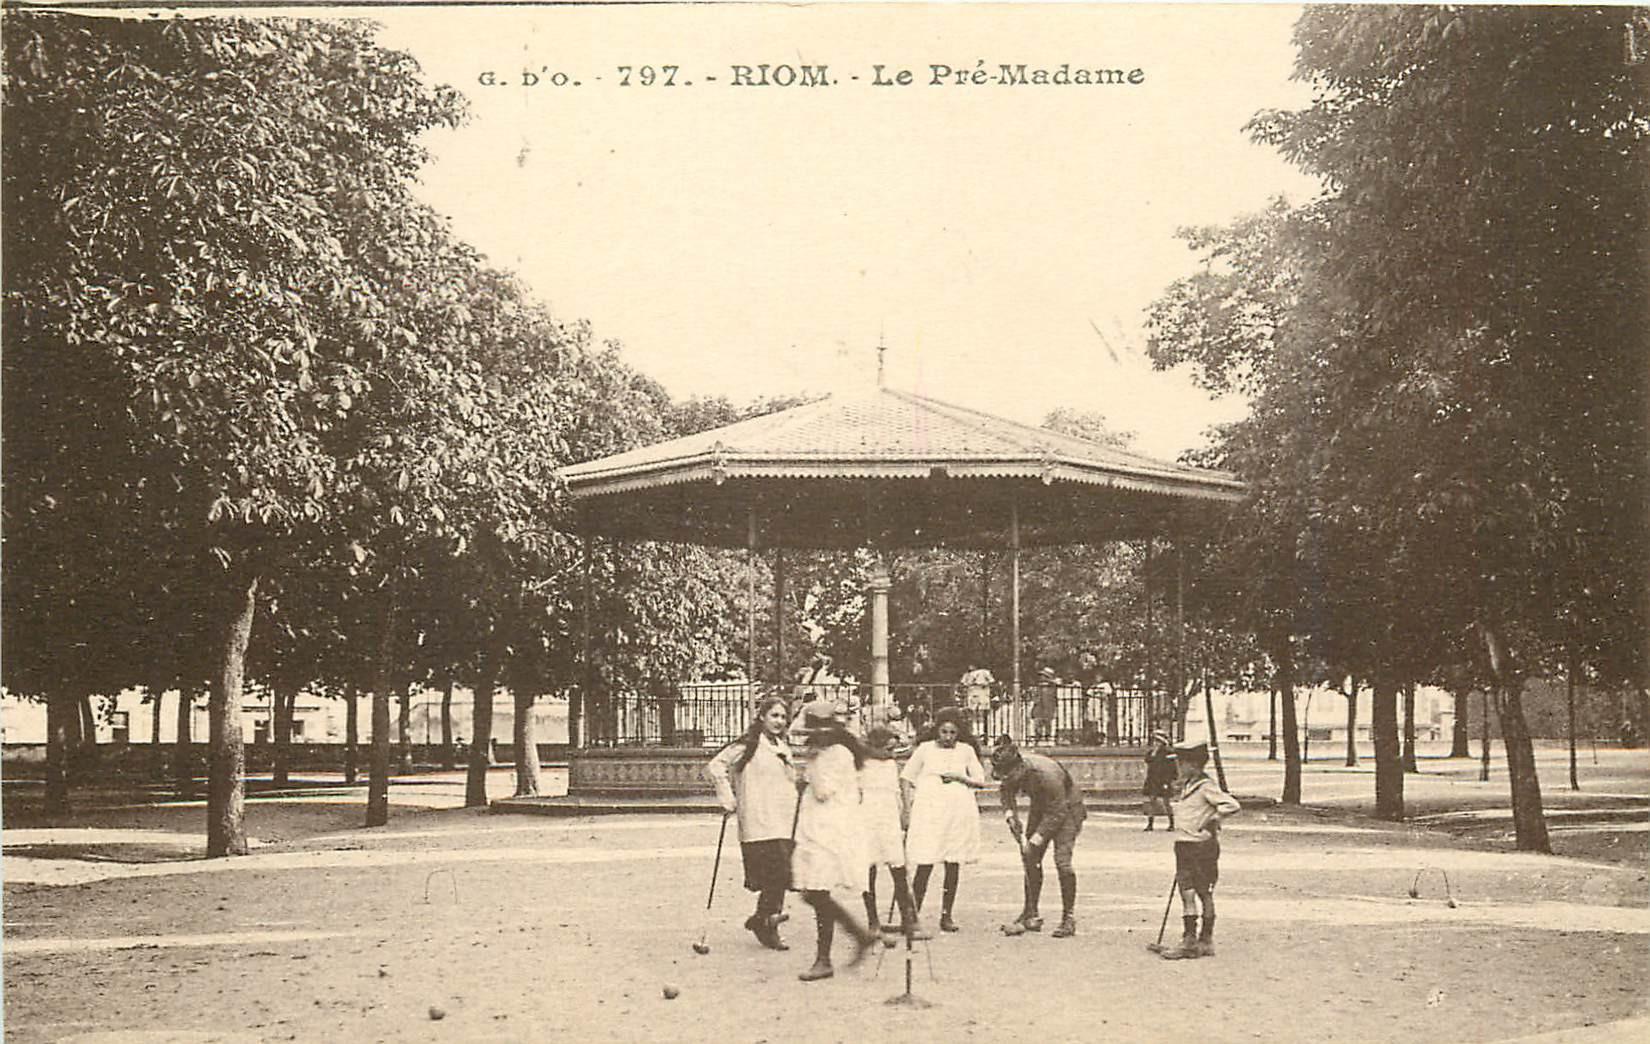 WW 63 RIOM. Jeu de Croquet au Pré-Madame